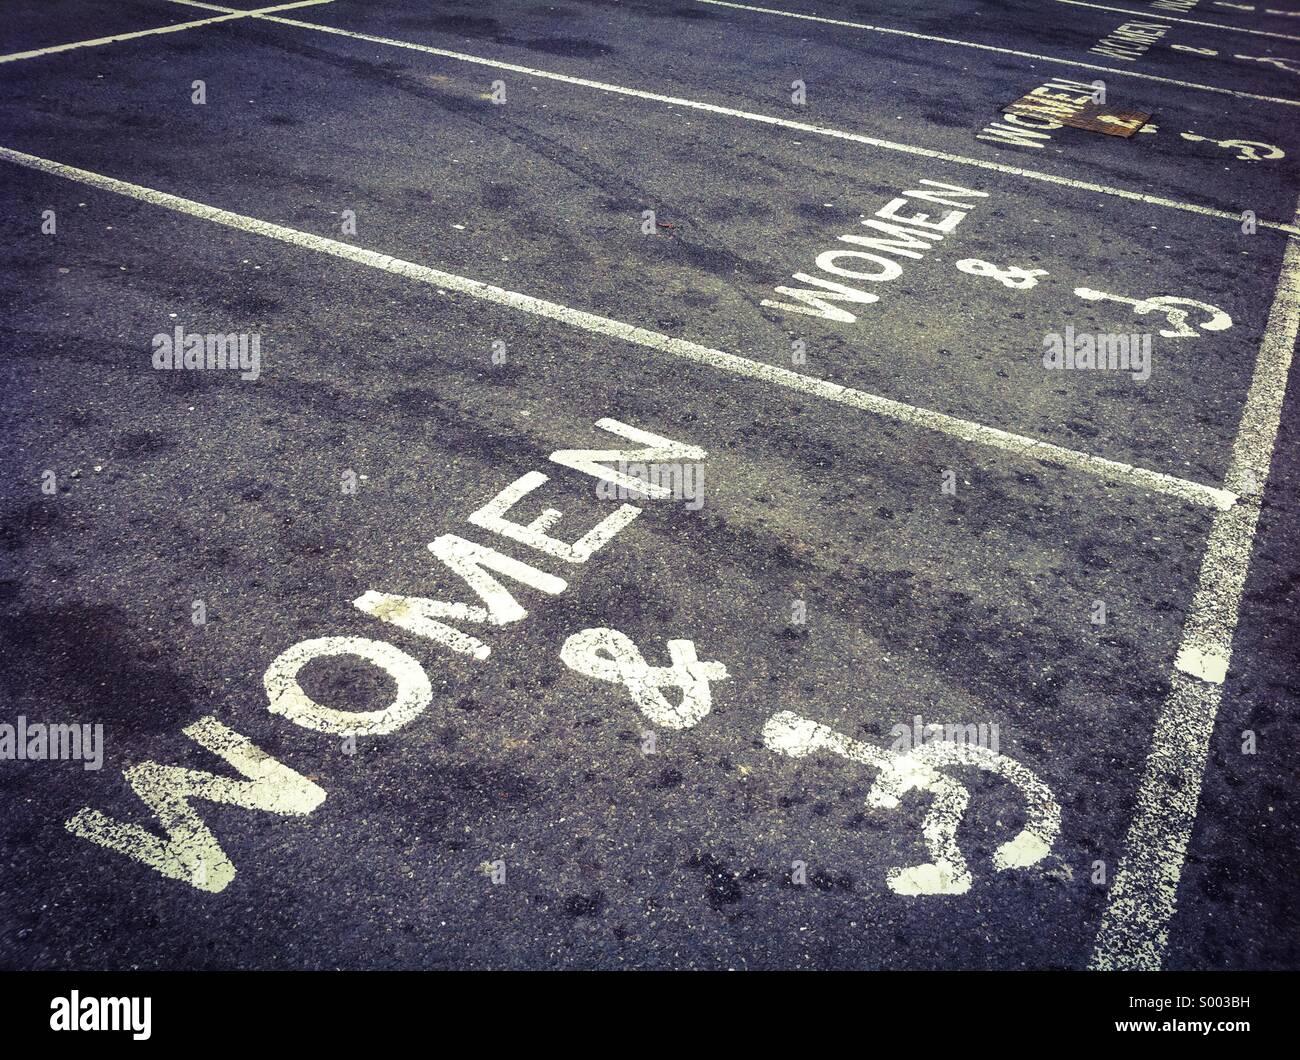 Weird car parking signage - Stock Image